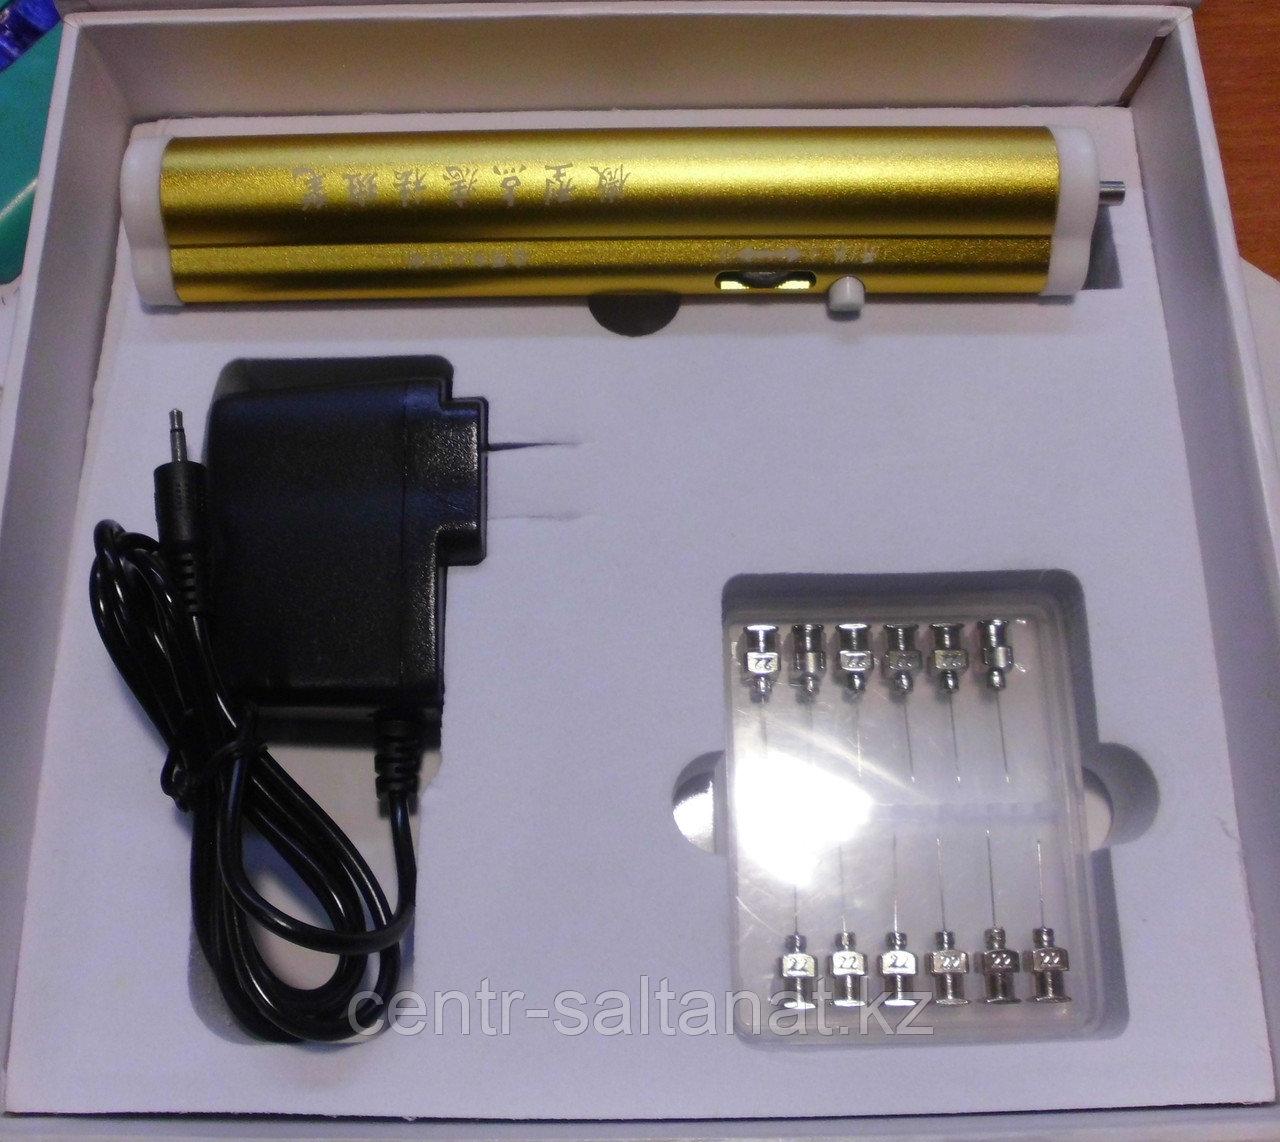 Каогулятор, аппарат для удаления пигментов, родинок, бородавок